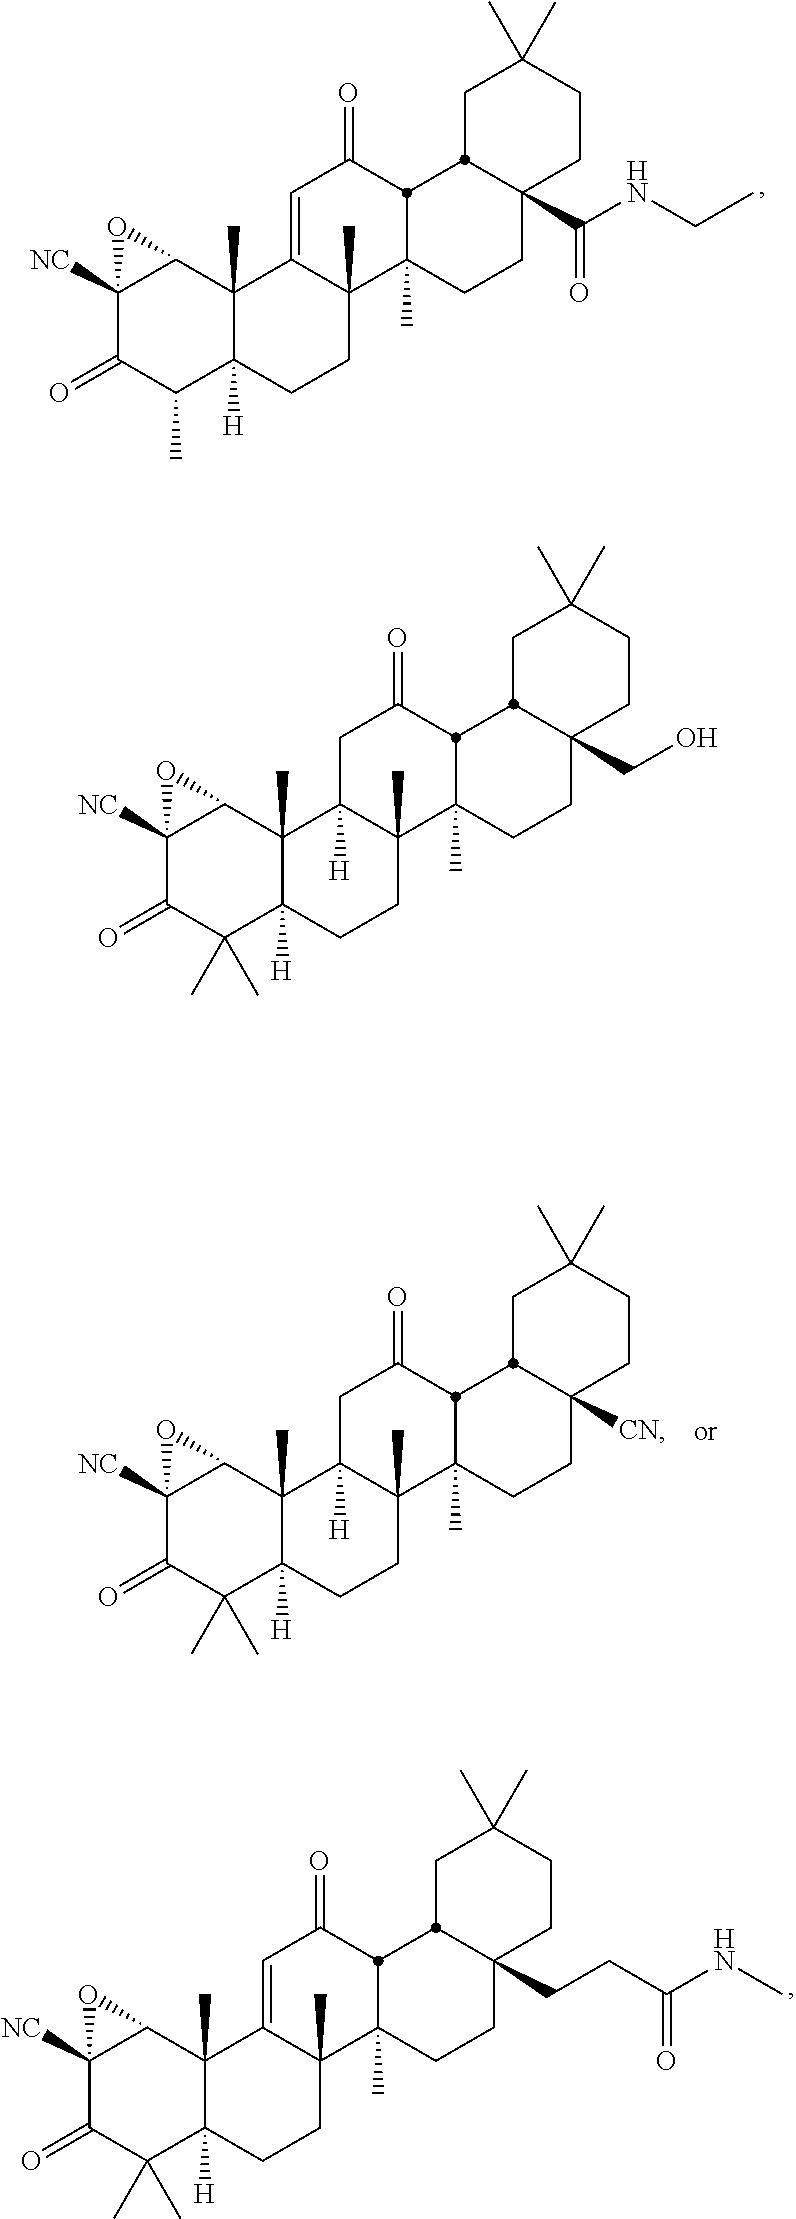 Figure US09556222-20170131-C00072